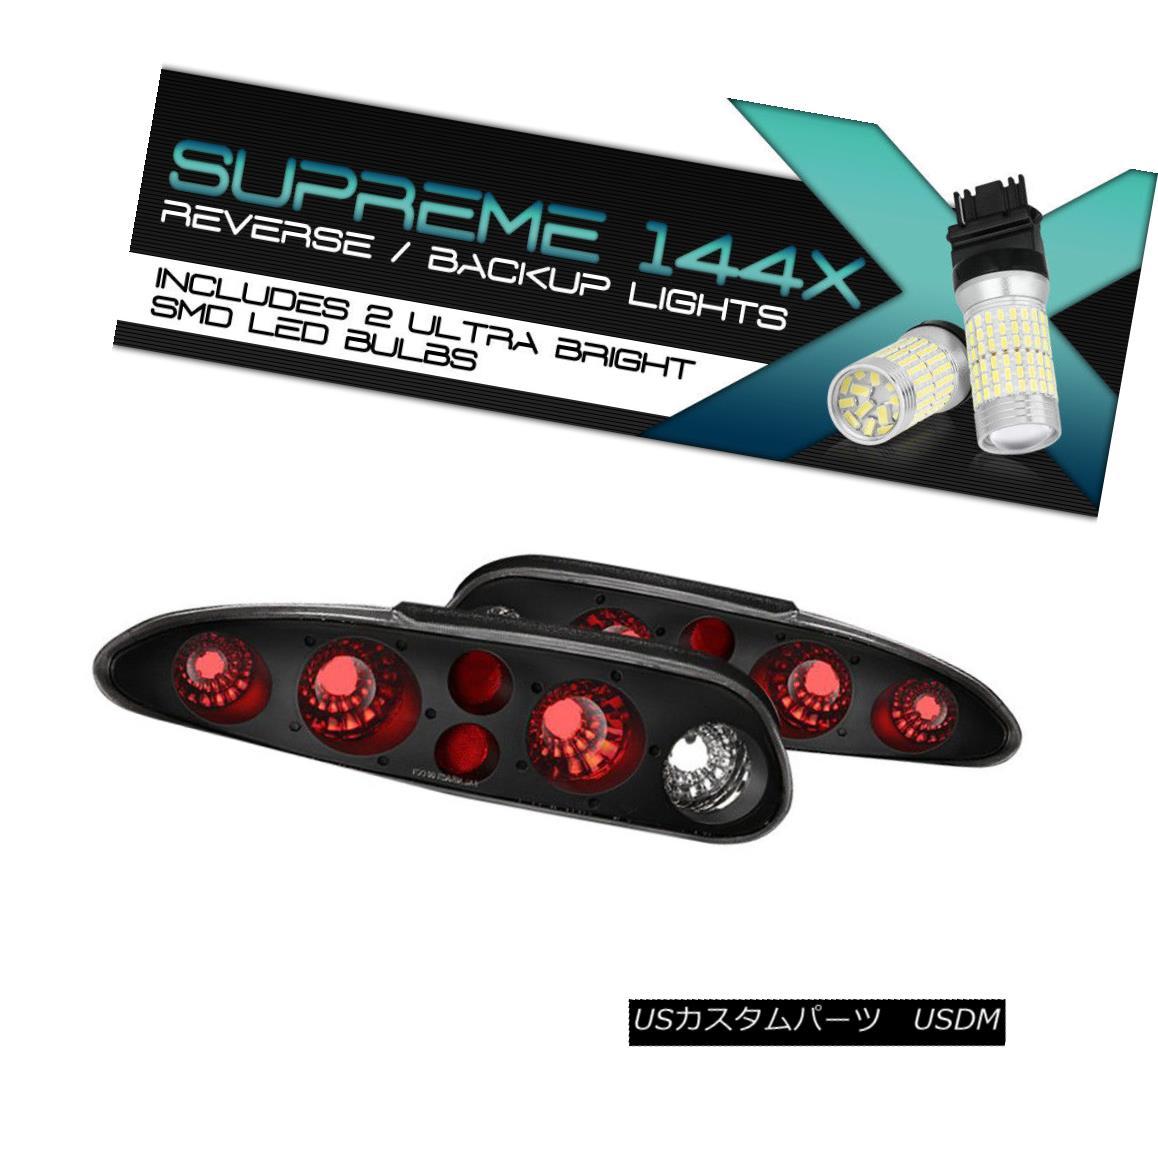 テールライト !360°SMD LED BackUp Bulb! 93-02 Chevy Camaro Black Altezza Style Tail Light Lamp !360°SMD LEDバックアップバルブ! 93-02シボレーカマロブラックアルテッツァスタイルテールライトランプ